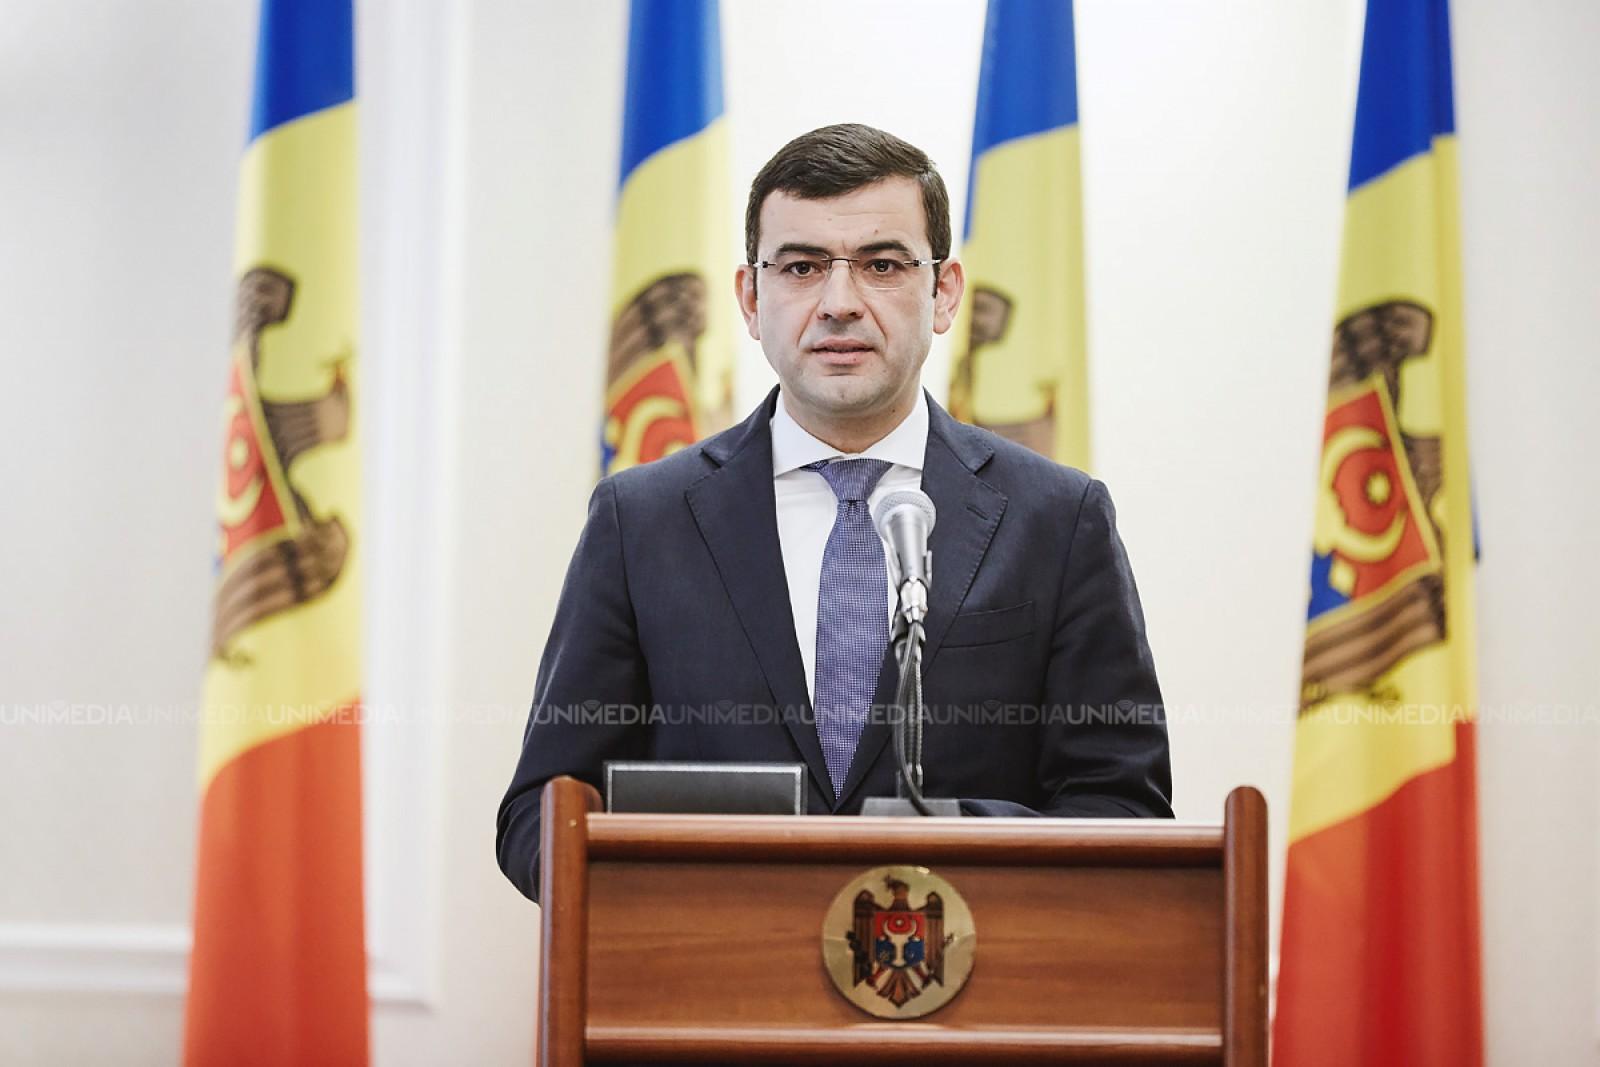 """(video) Noul ministru al Economiei și Infrastructurii, Chiril Gaburici: """"Nu tolerez corupția sau schemele sure"""""""